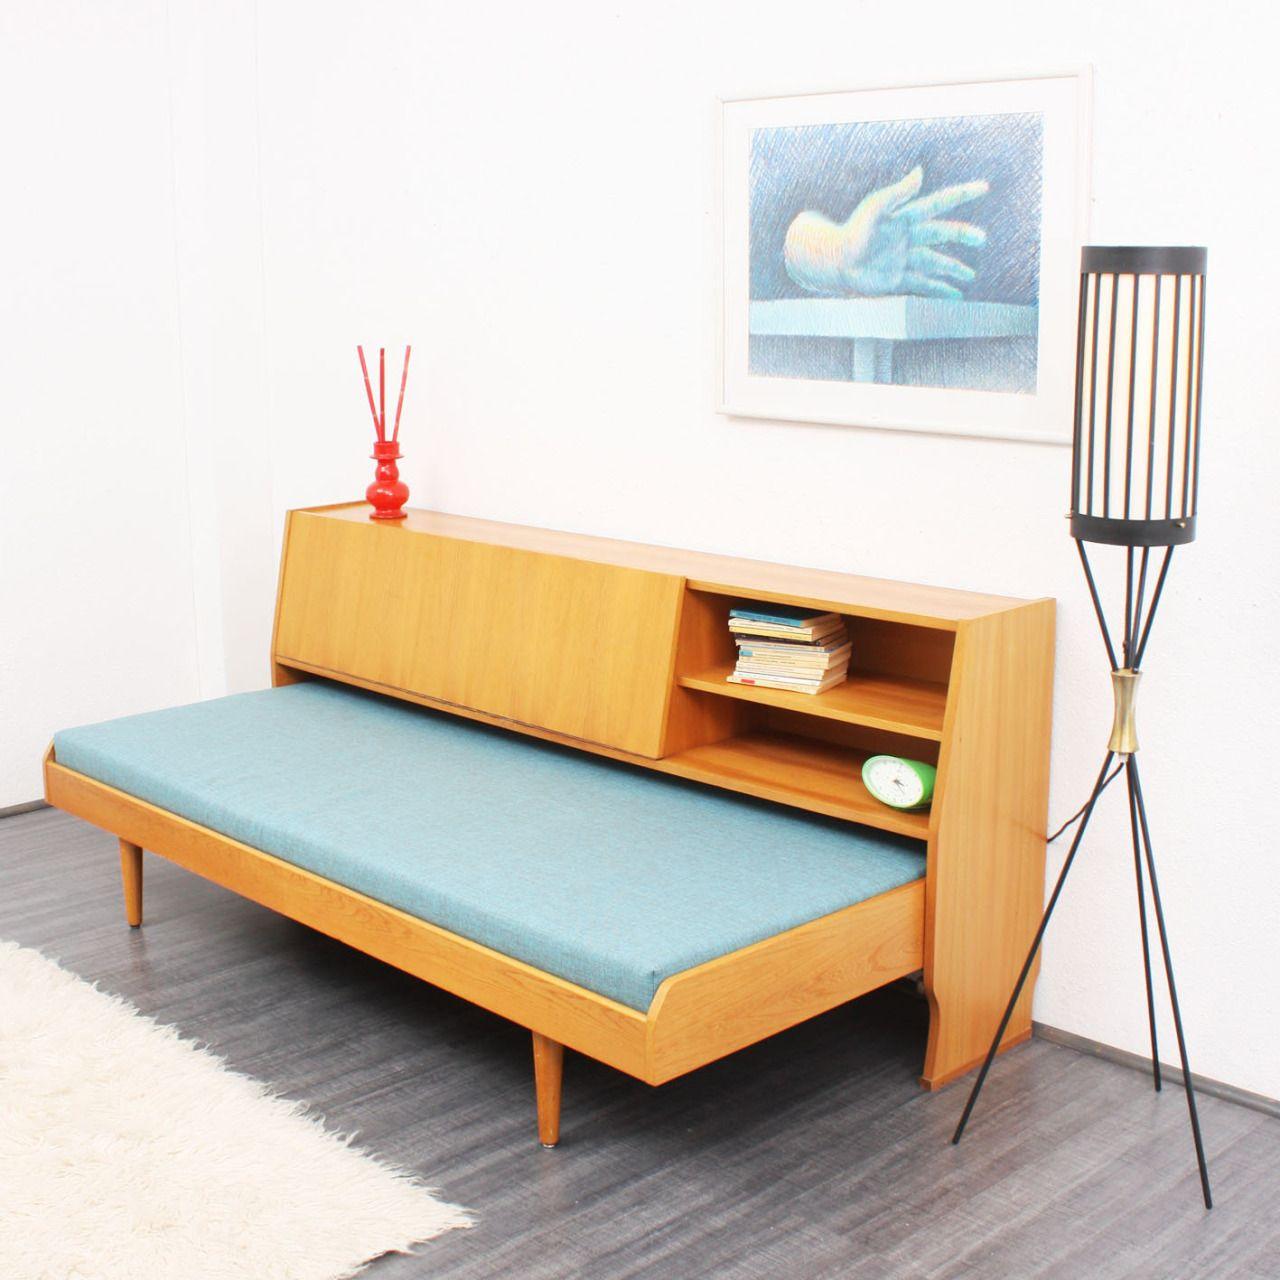 Vintage mitte jahrhundert wohnzimmer midcenturymodernfreak s elm wood daybed with storage space